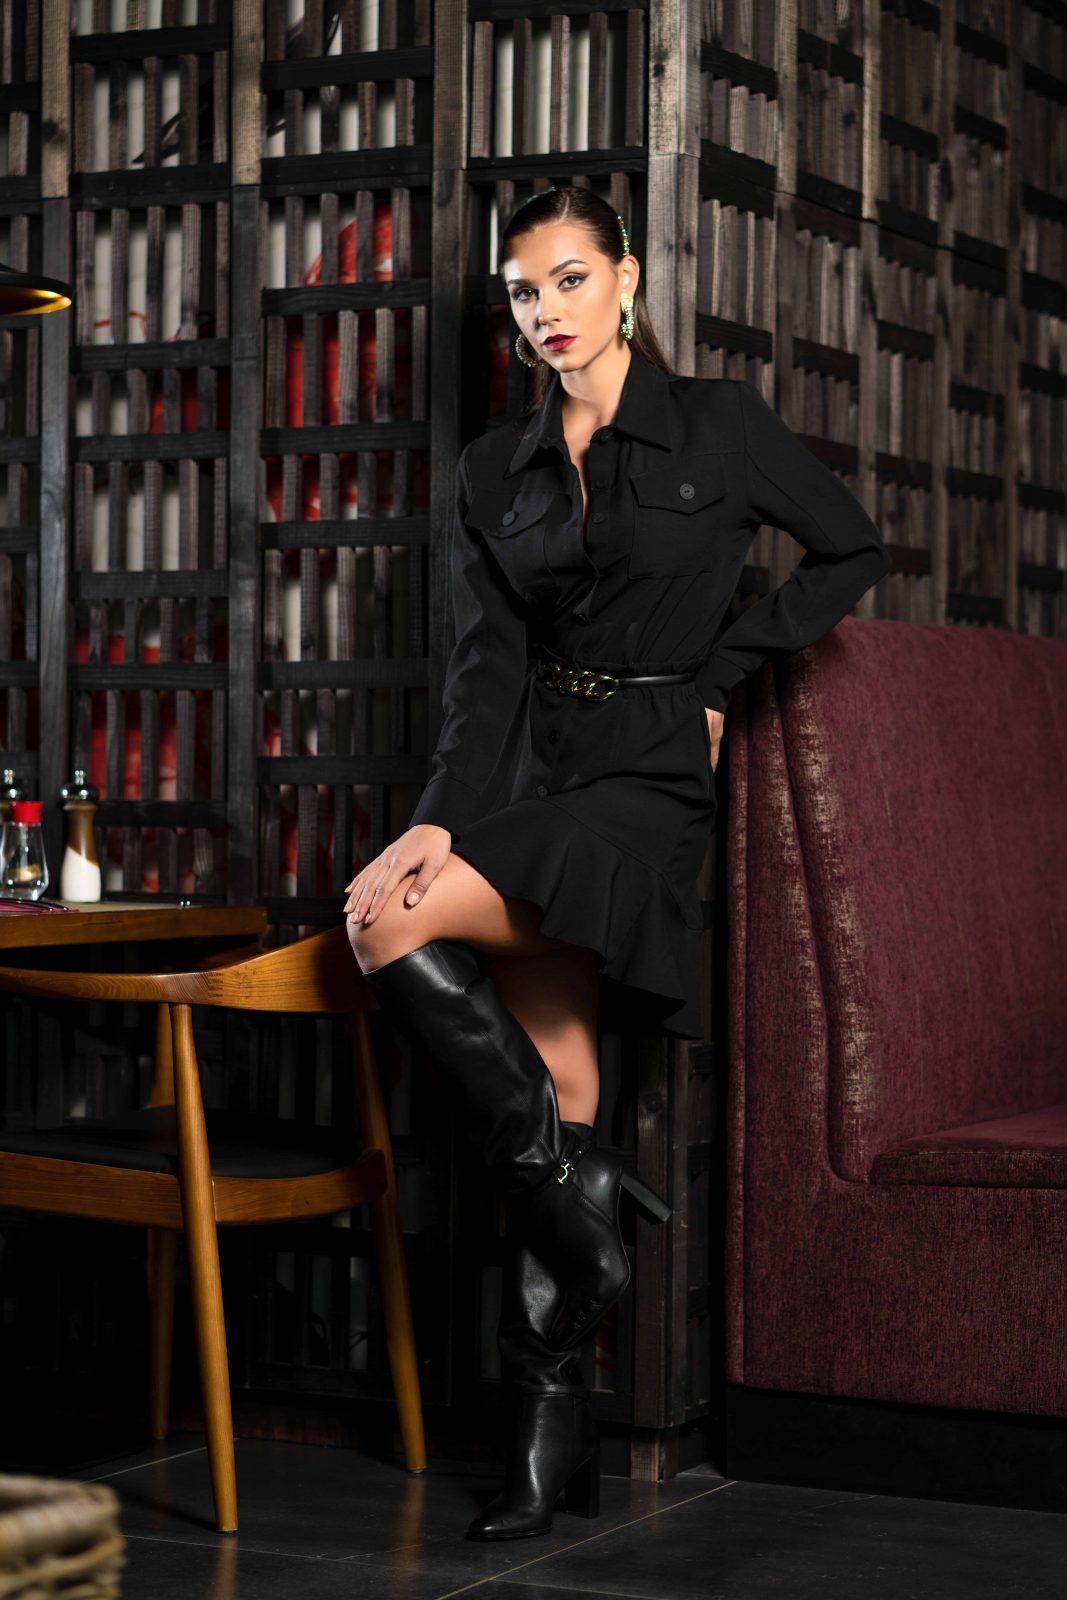 Къса елегантна черна рокля, с копчета и волан на талията.